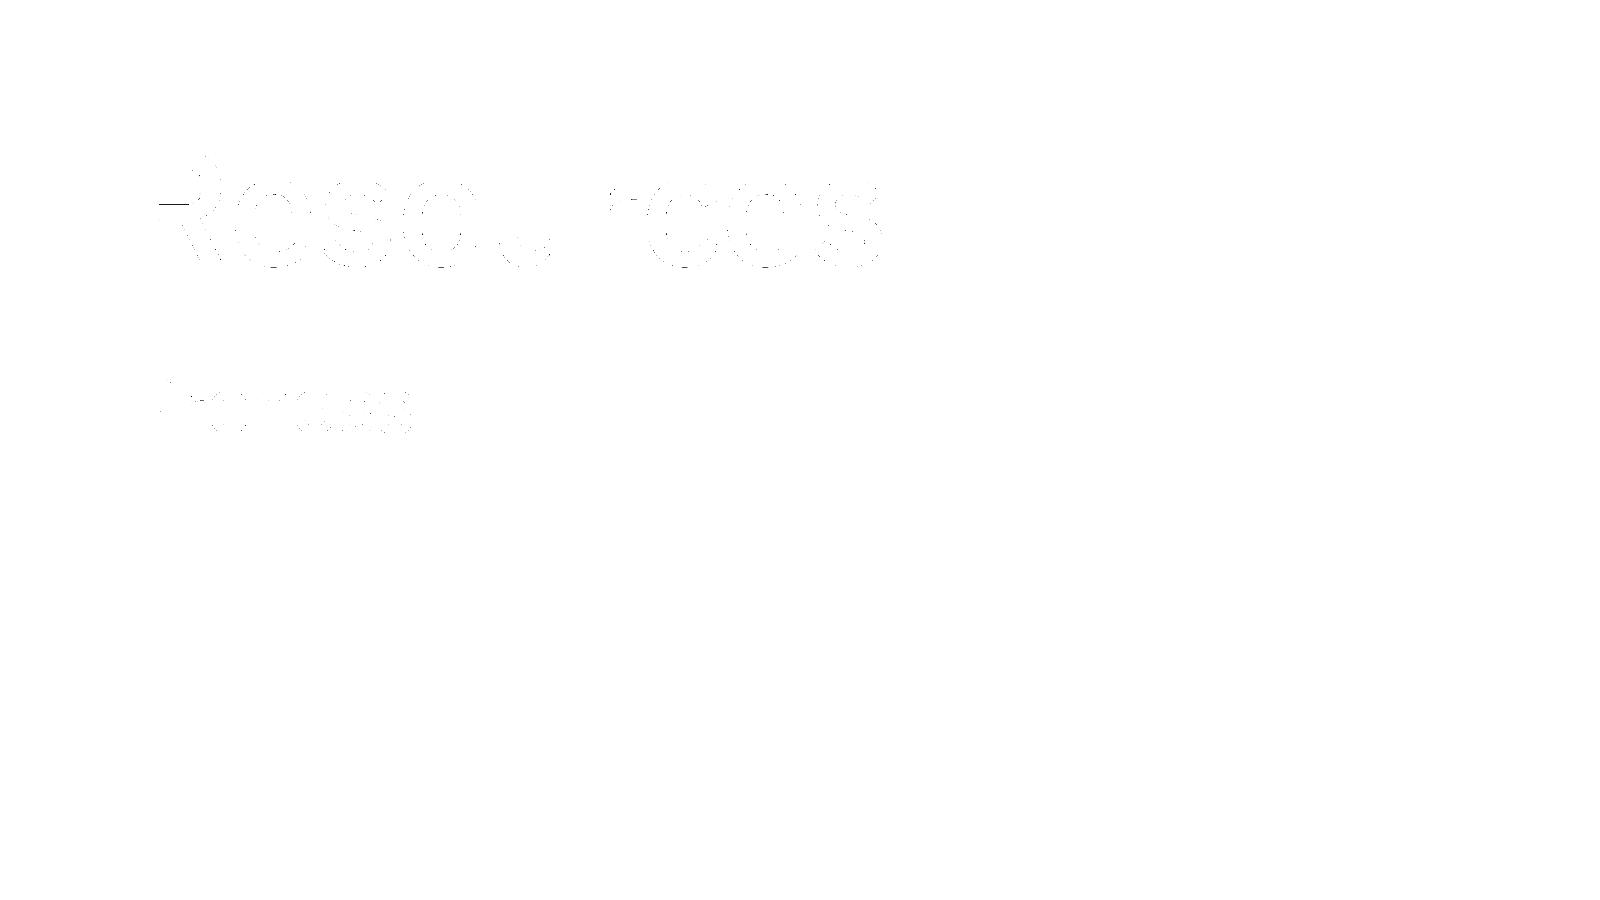 Slide 116